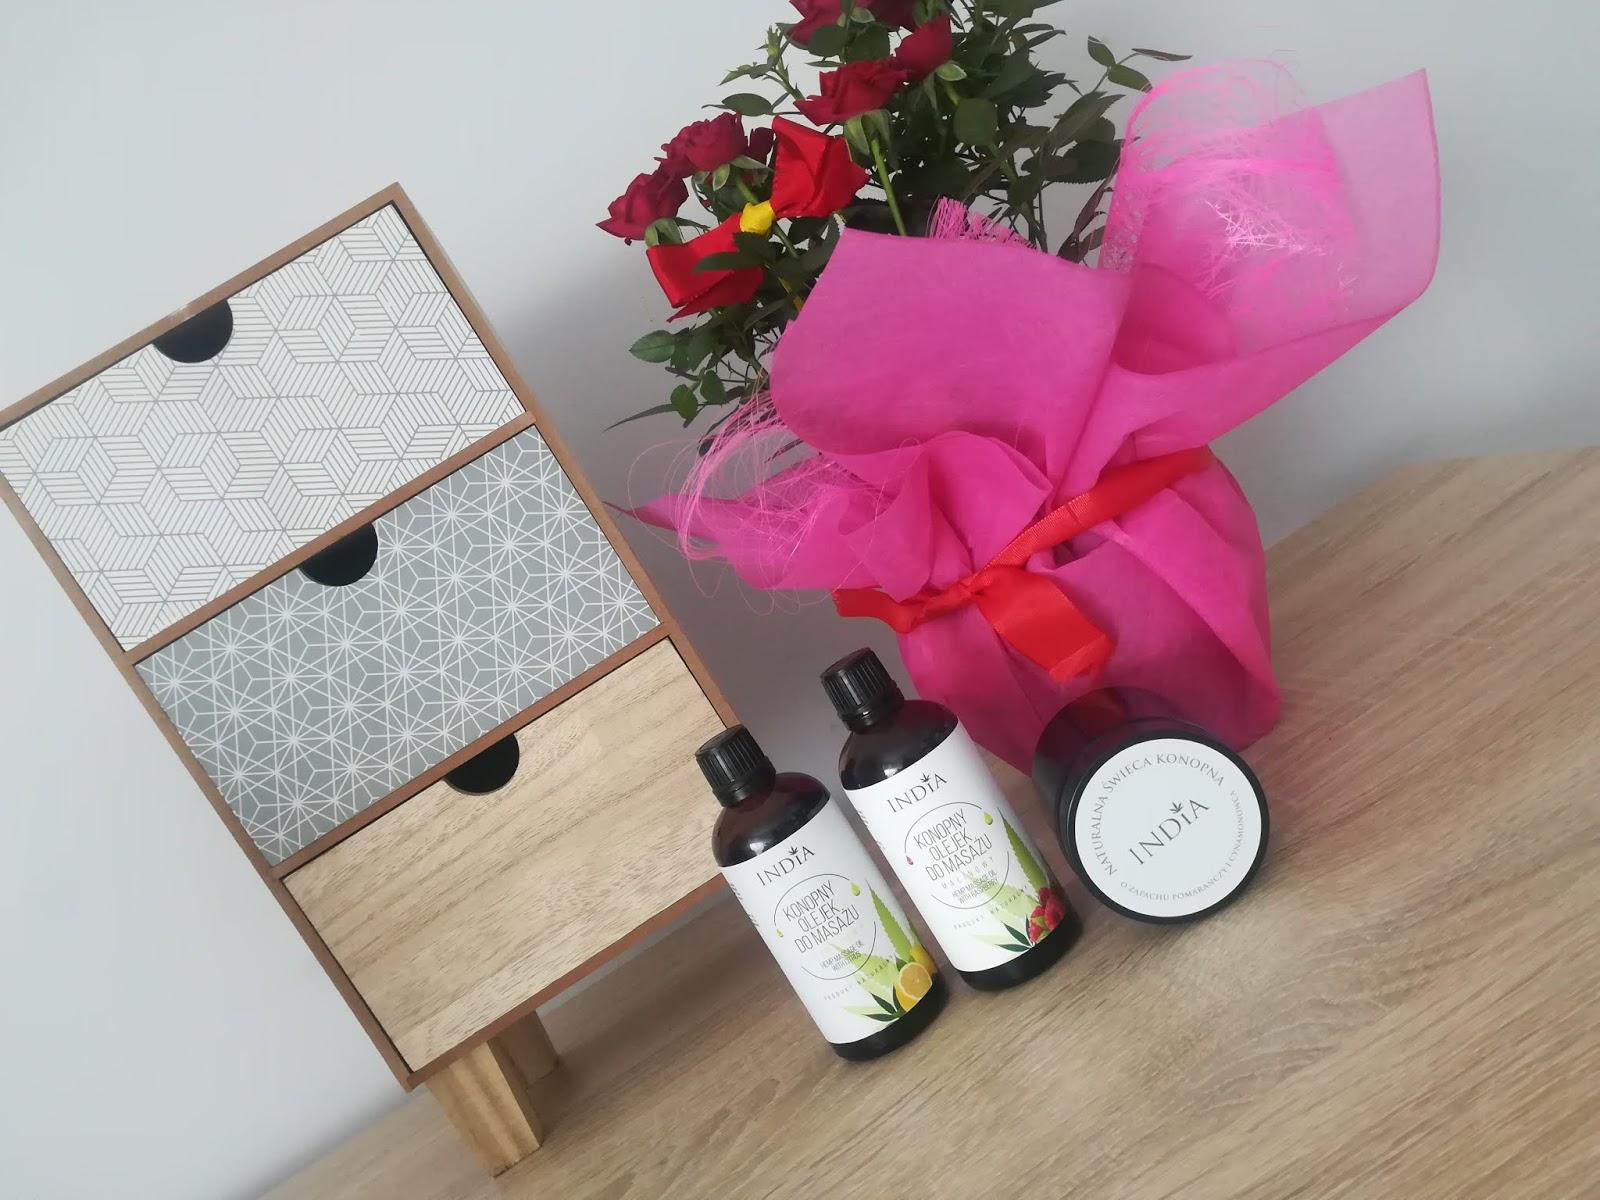 olejki do masażu z maliną i cytrusowy india cosmetics